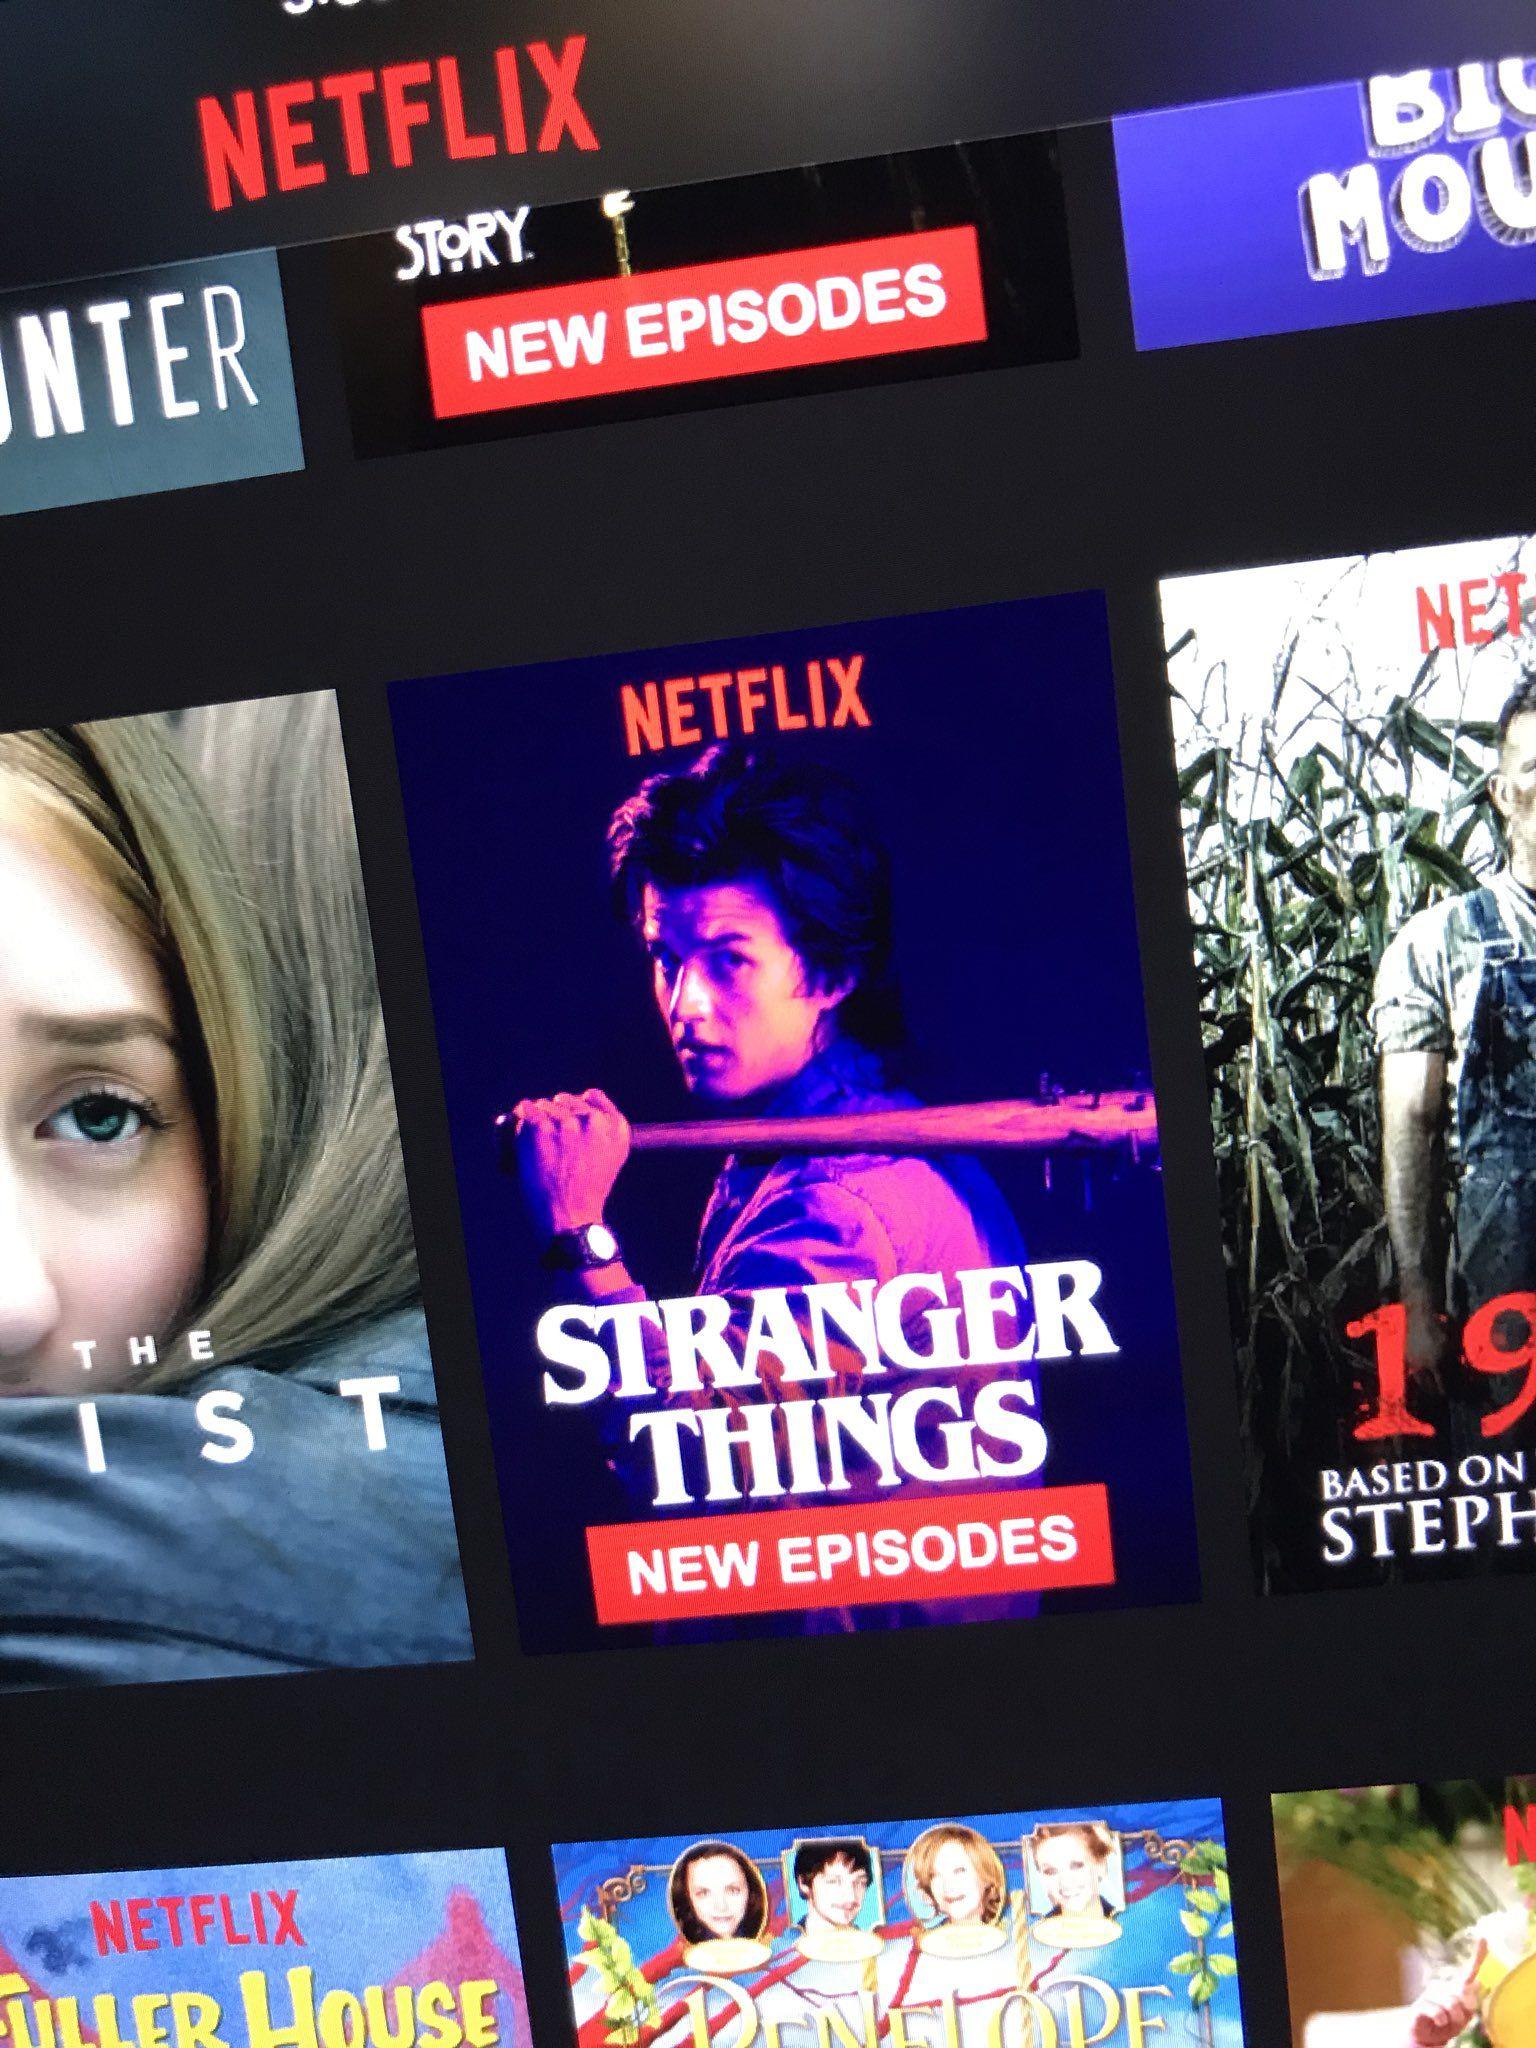 Alex On Twitter Stranger Things Steve Stranger Things 2 Steve Harrington